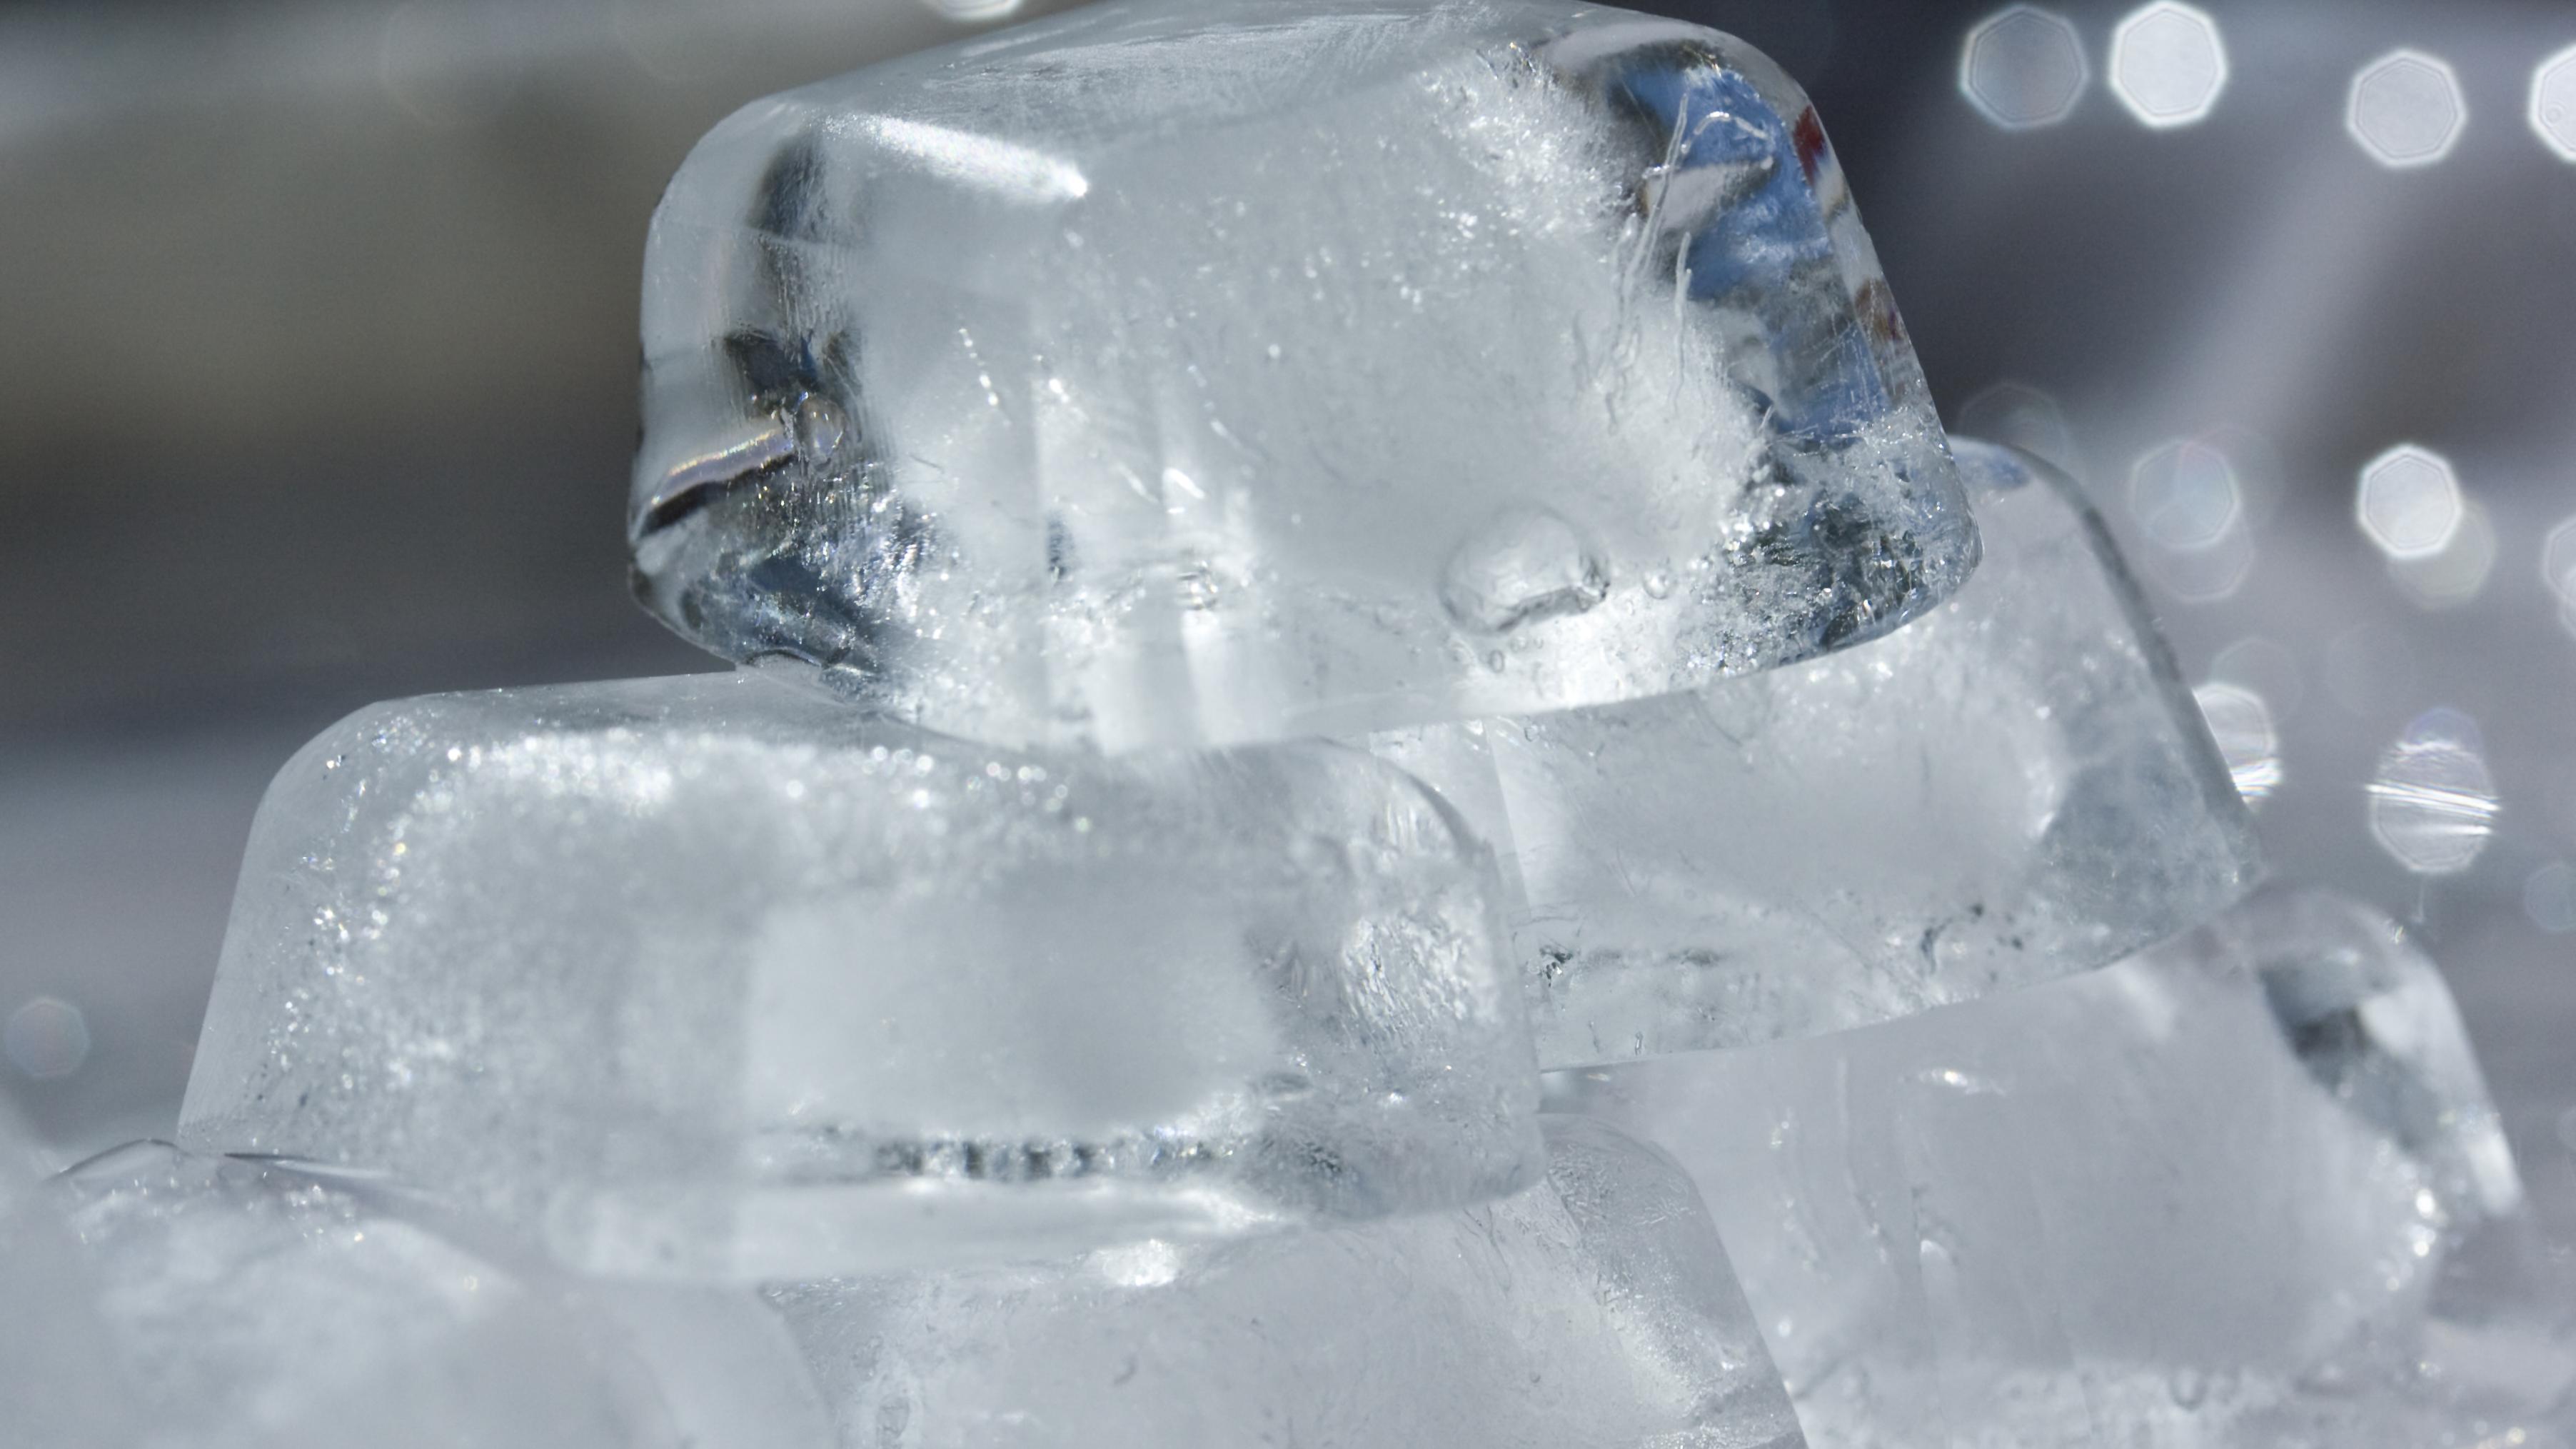 Eiswürfel im Raum sind ein einfaches und effizientes Hausmittel